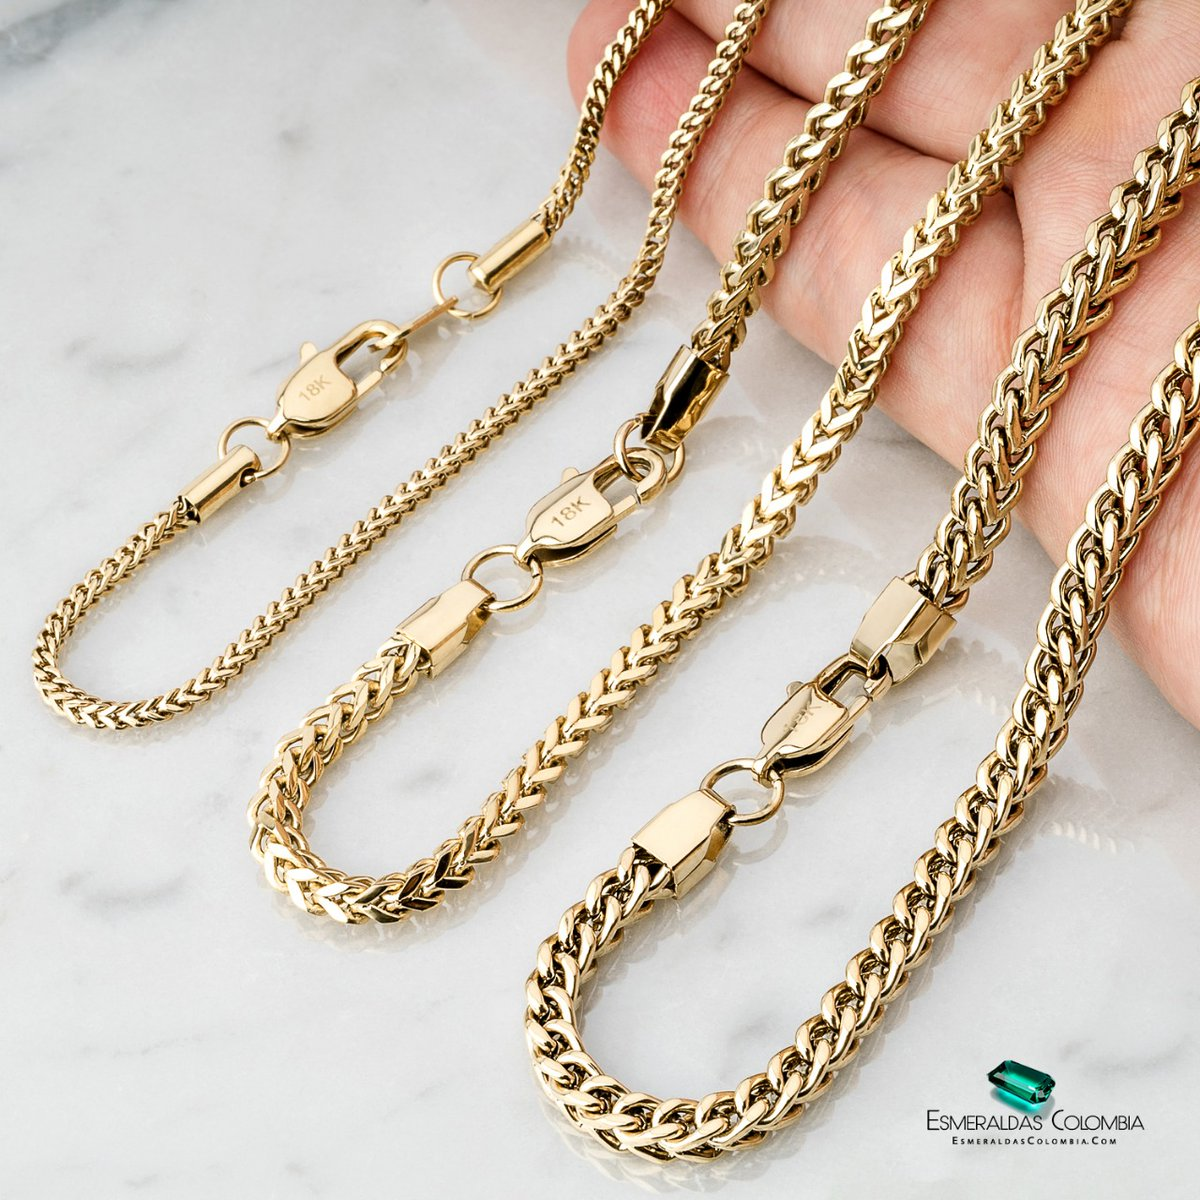 Tipos de tejidos de cadenas joyeria